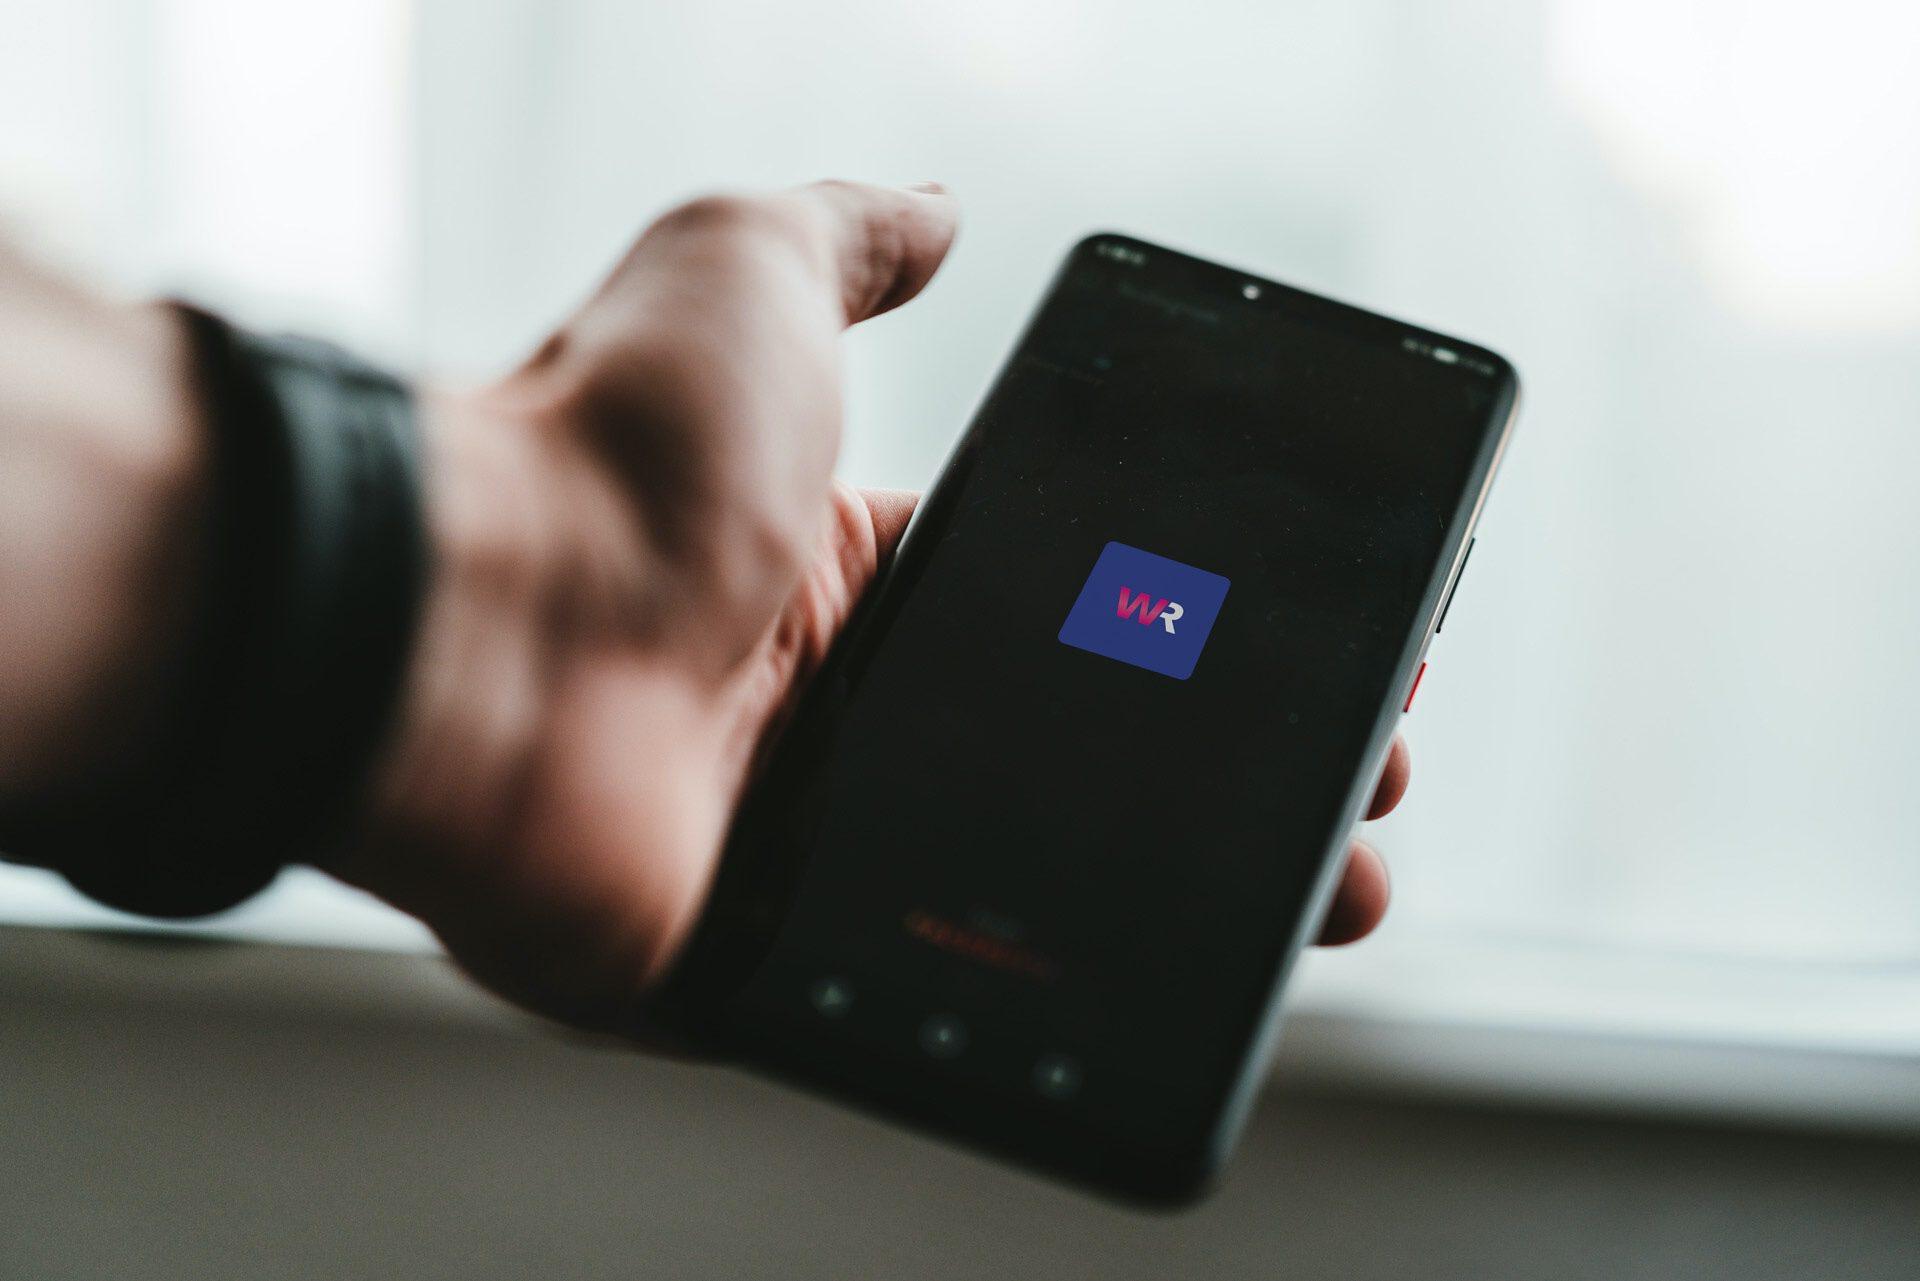 Wradio app